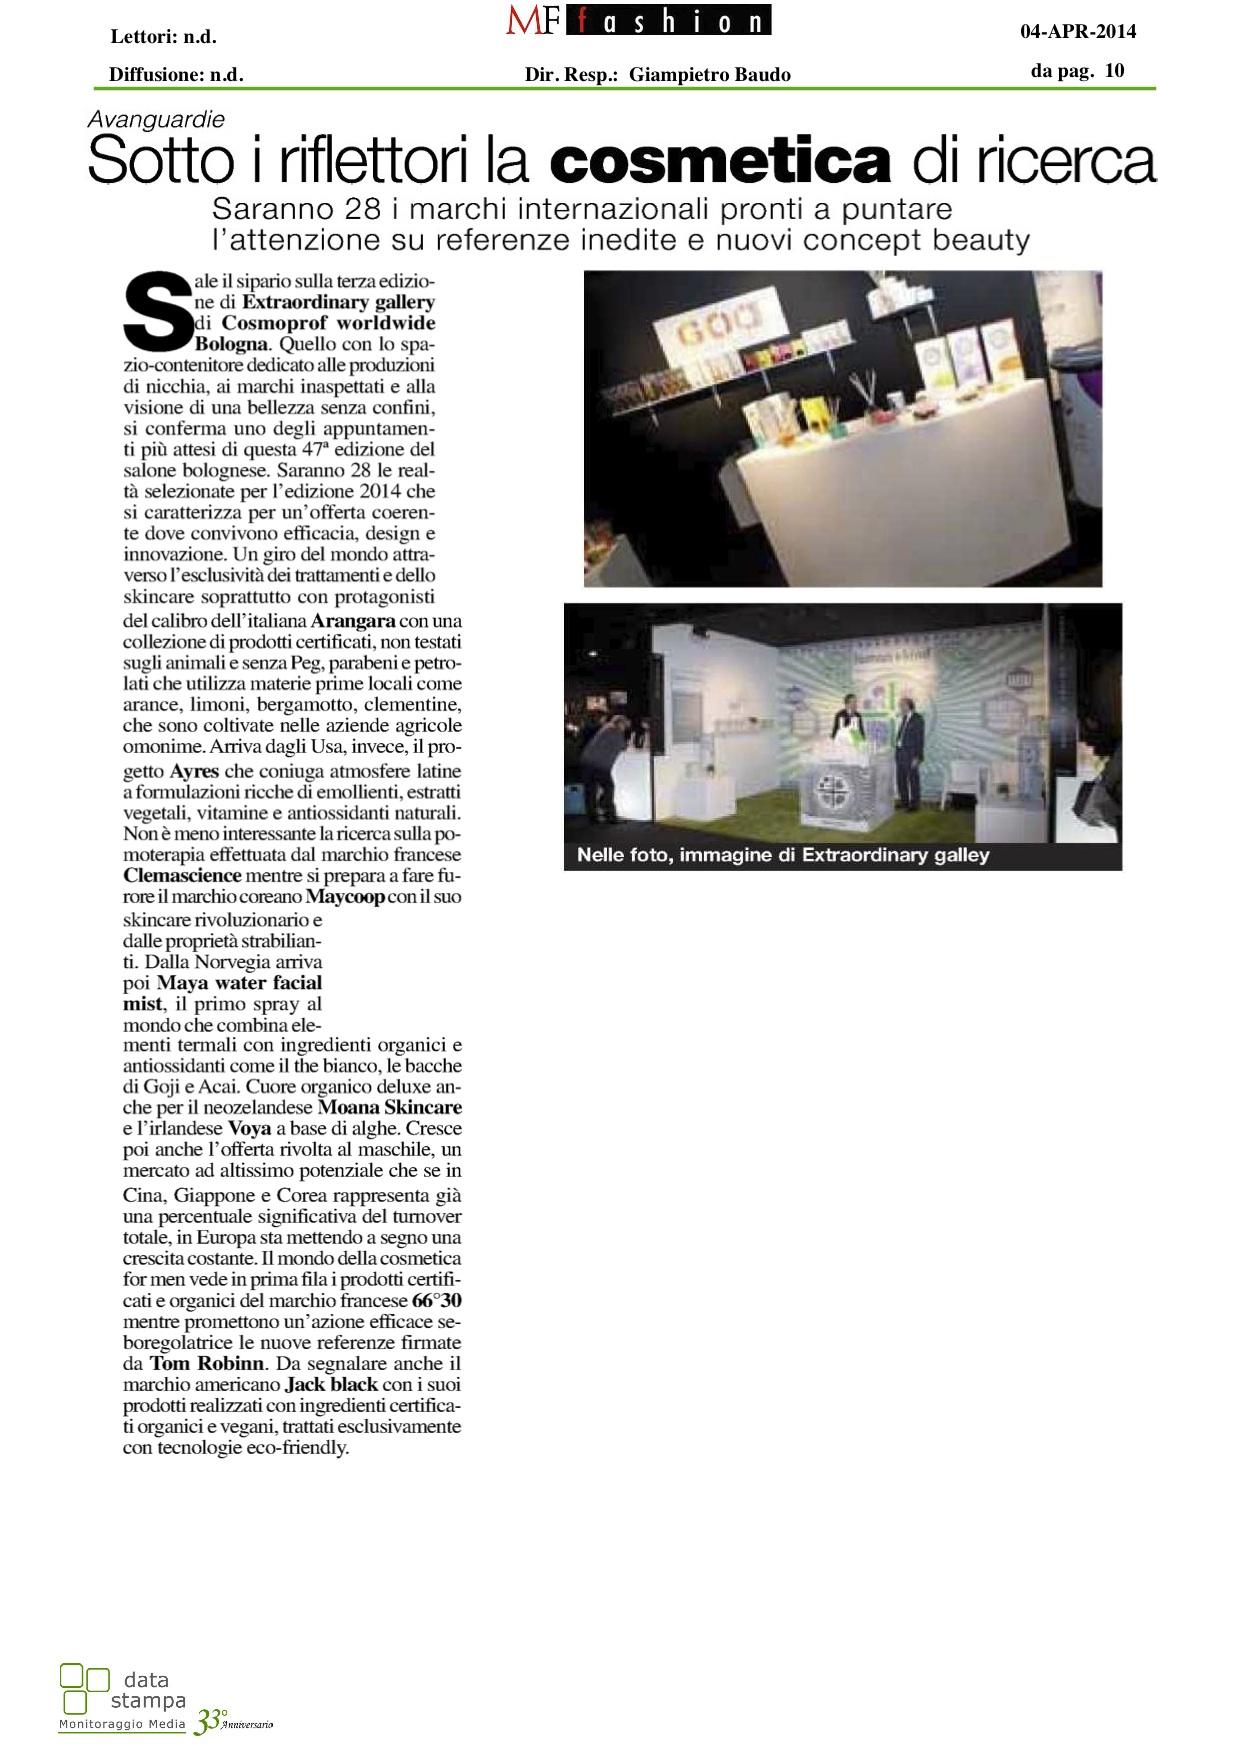 MWFM-artikel2-150x150.jpg.web